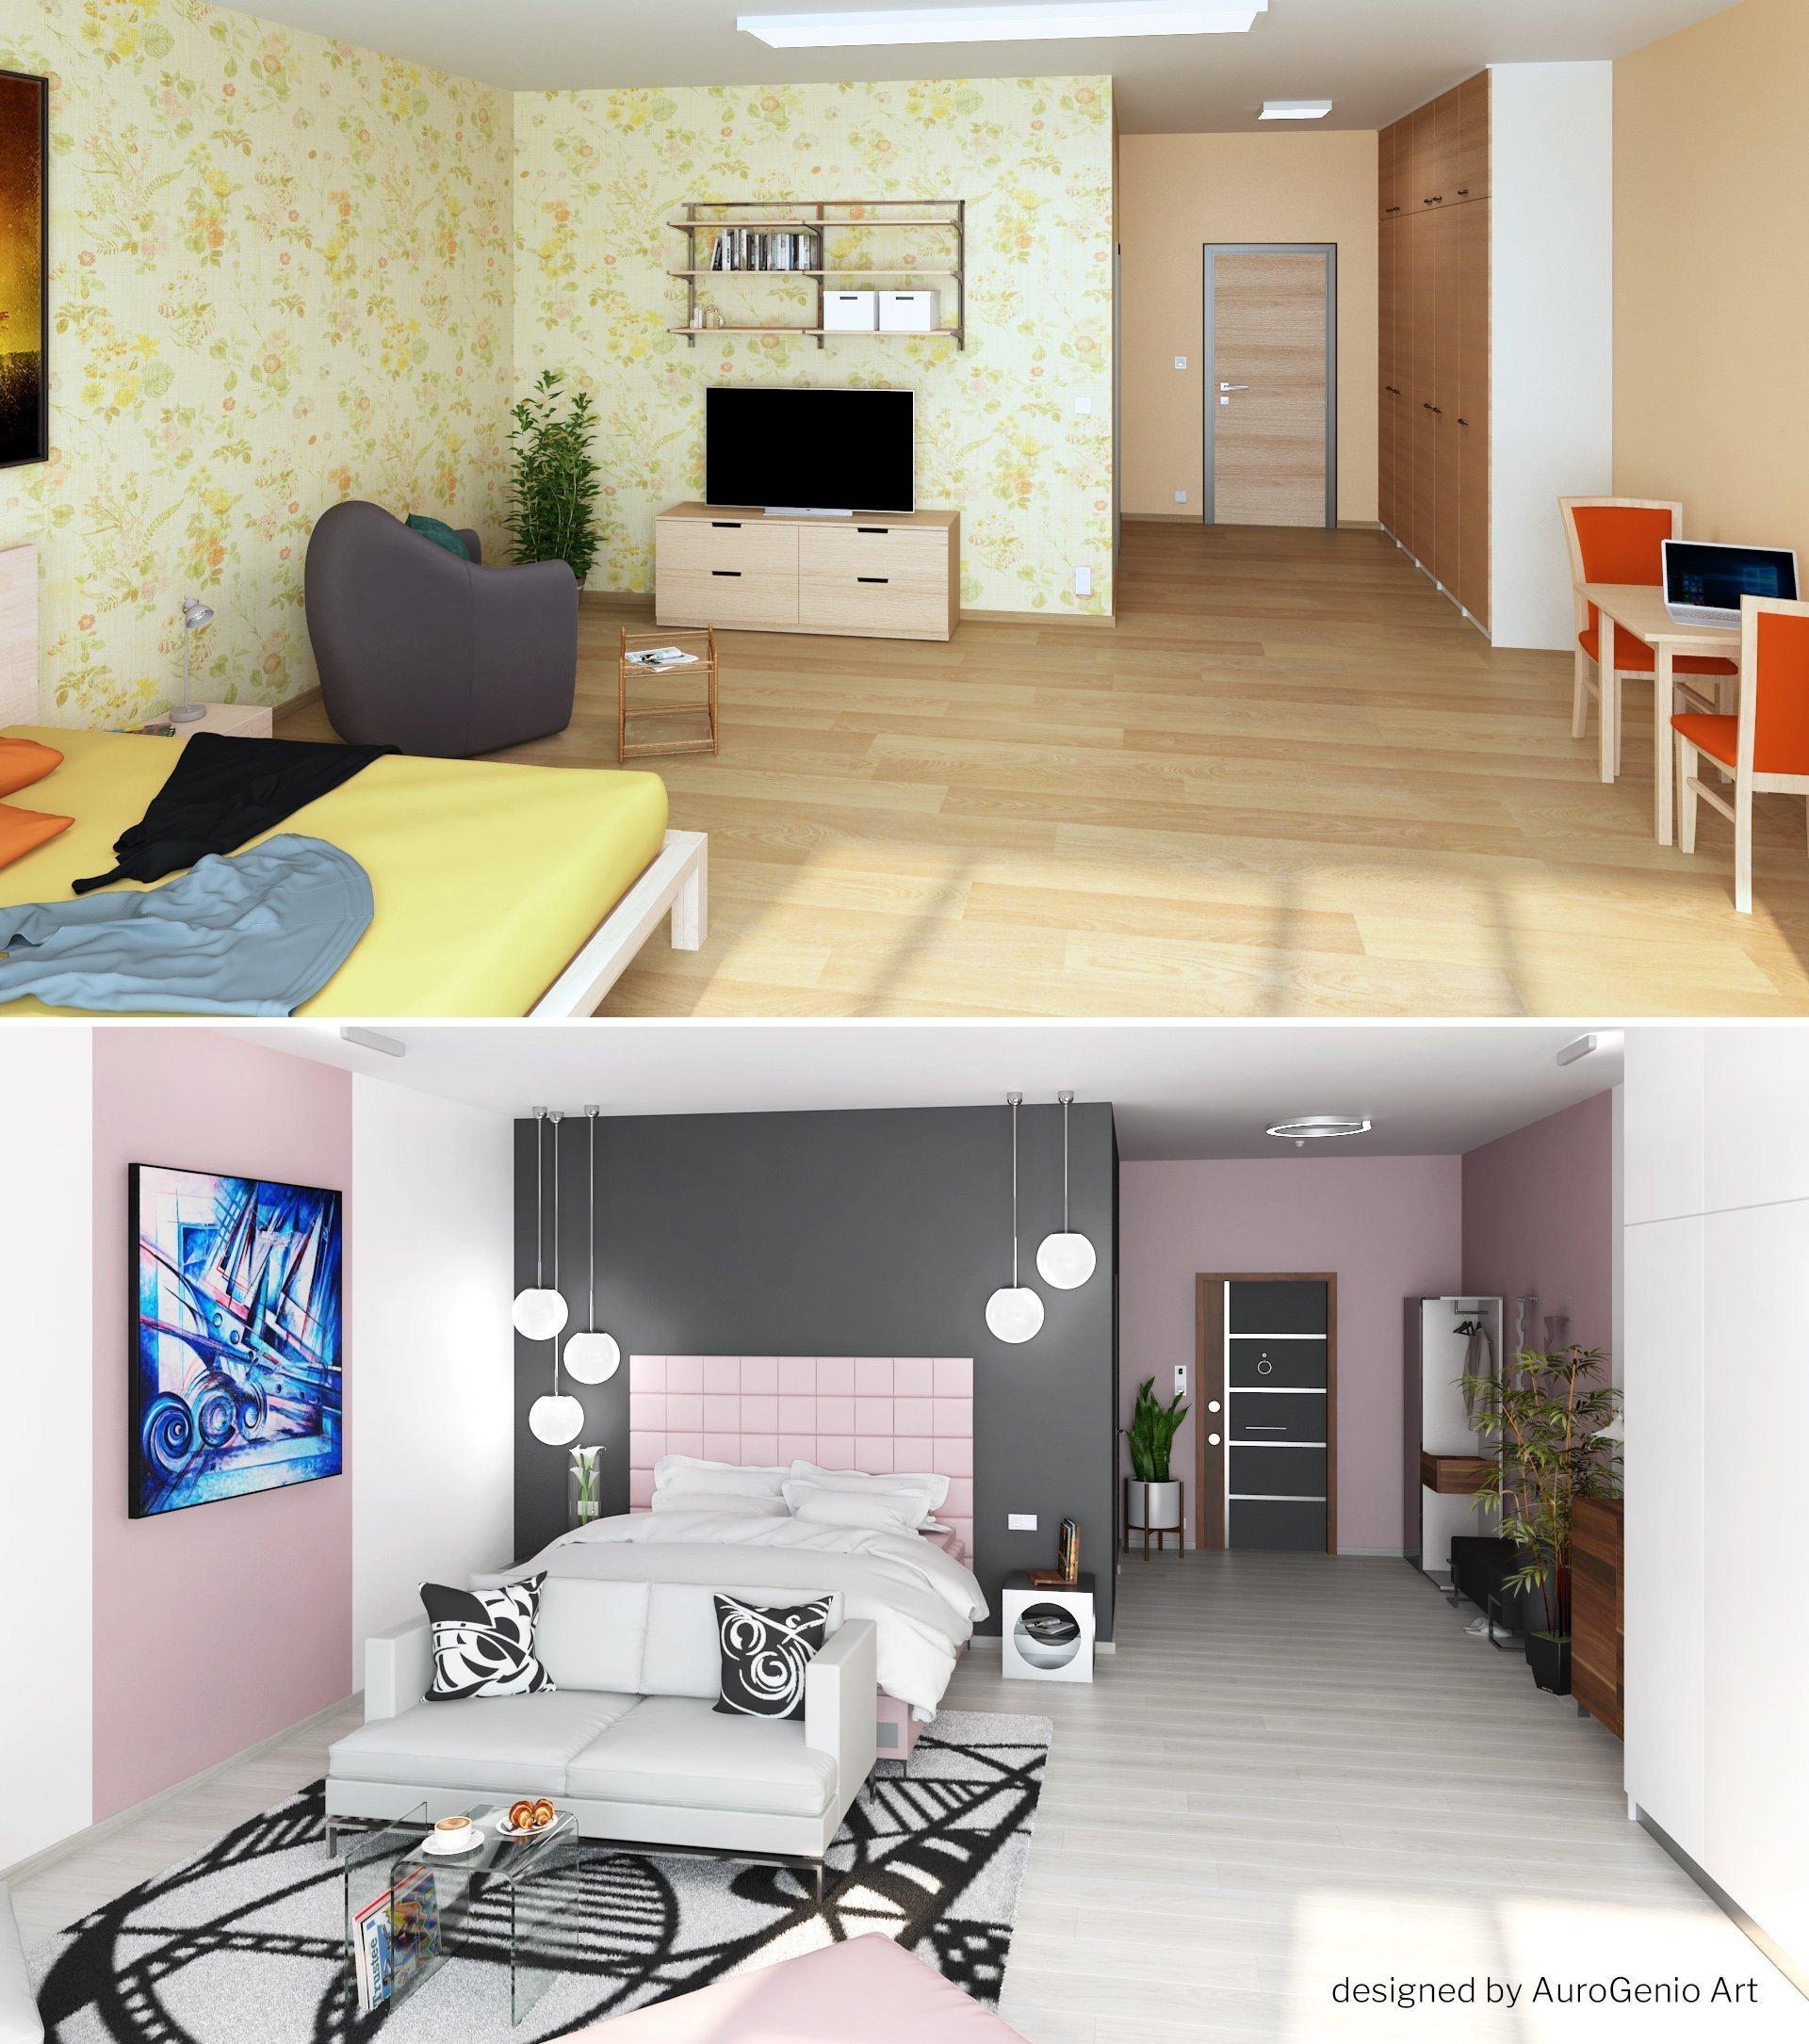 Bydlíte v garsonce či jiném malometrážním bytě a necítíte se v něm? Pak je čas na změnu. Nemusíte si hned pořizovat jiné bydlení, stačí malý byt upravit tak,…